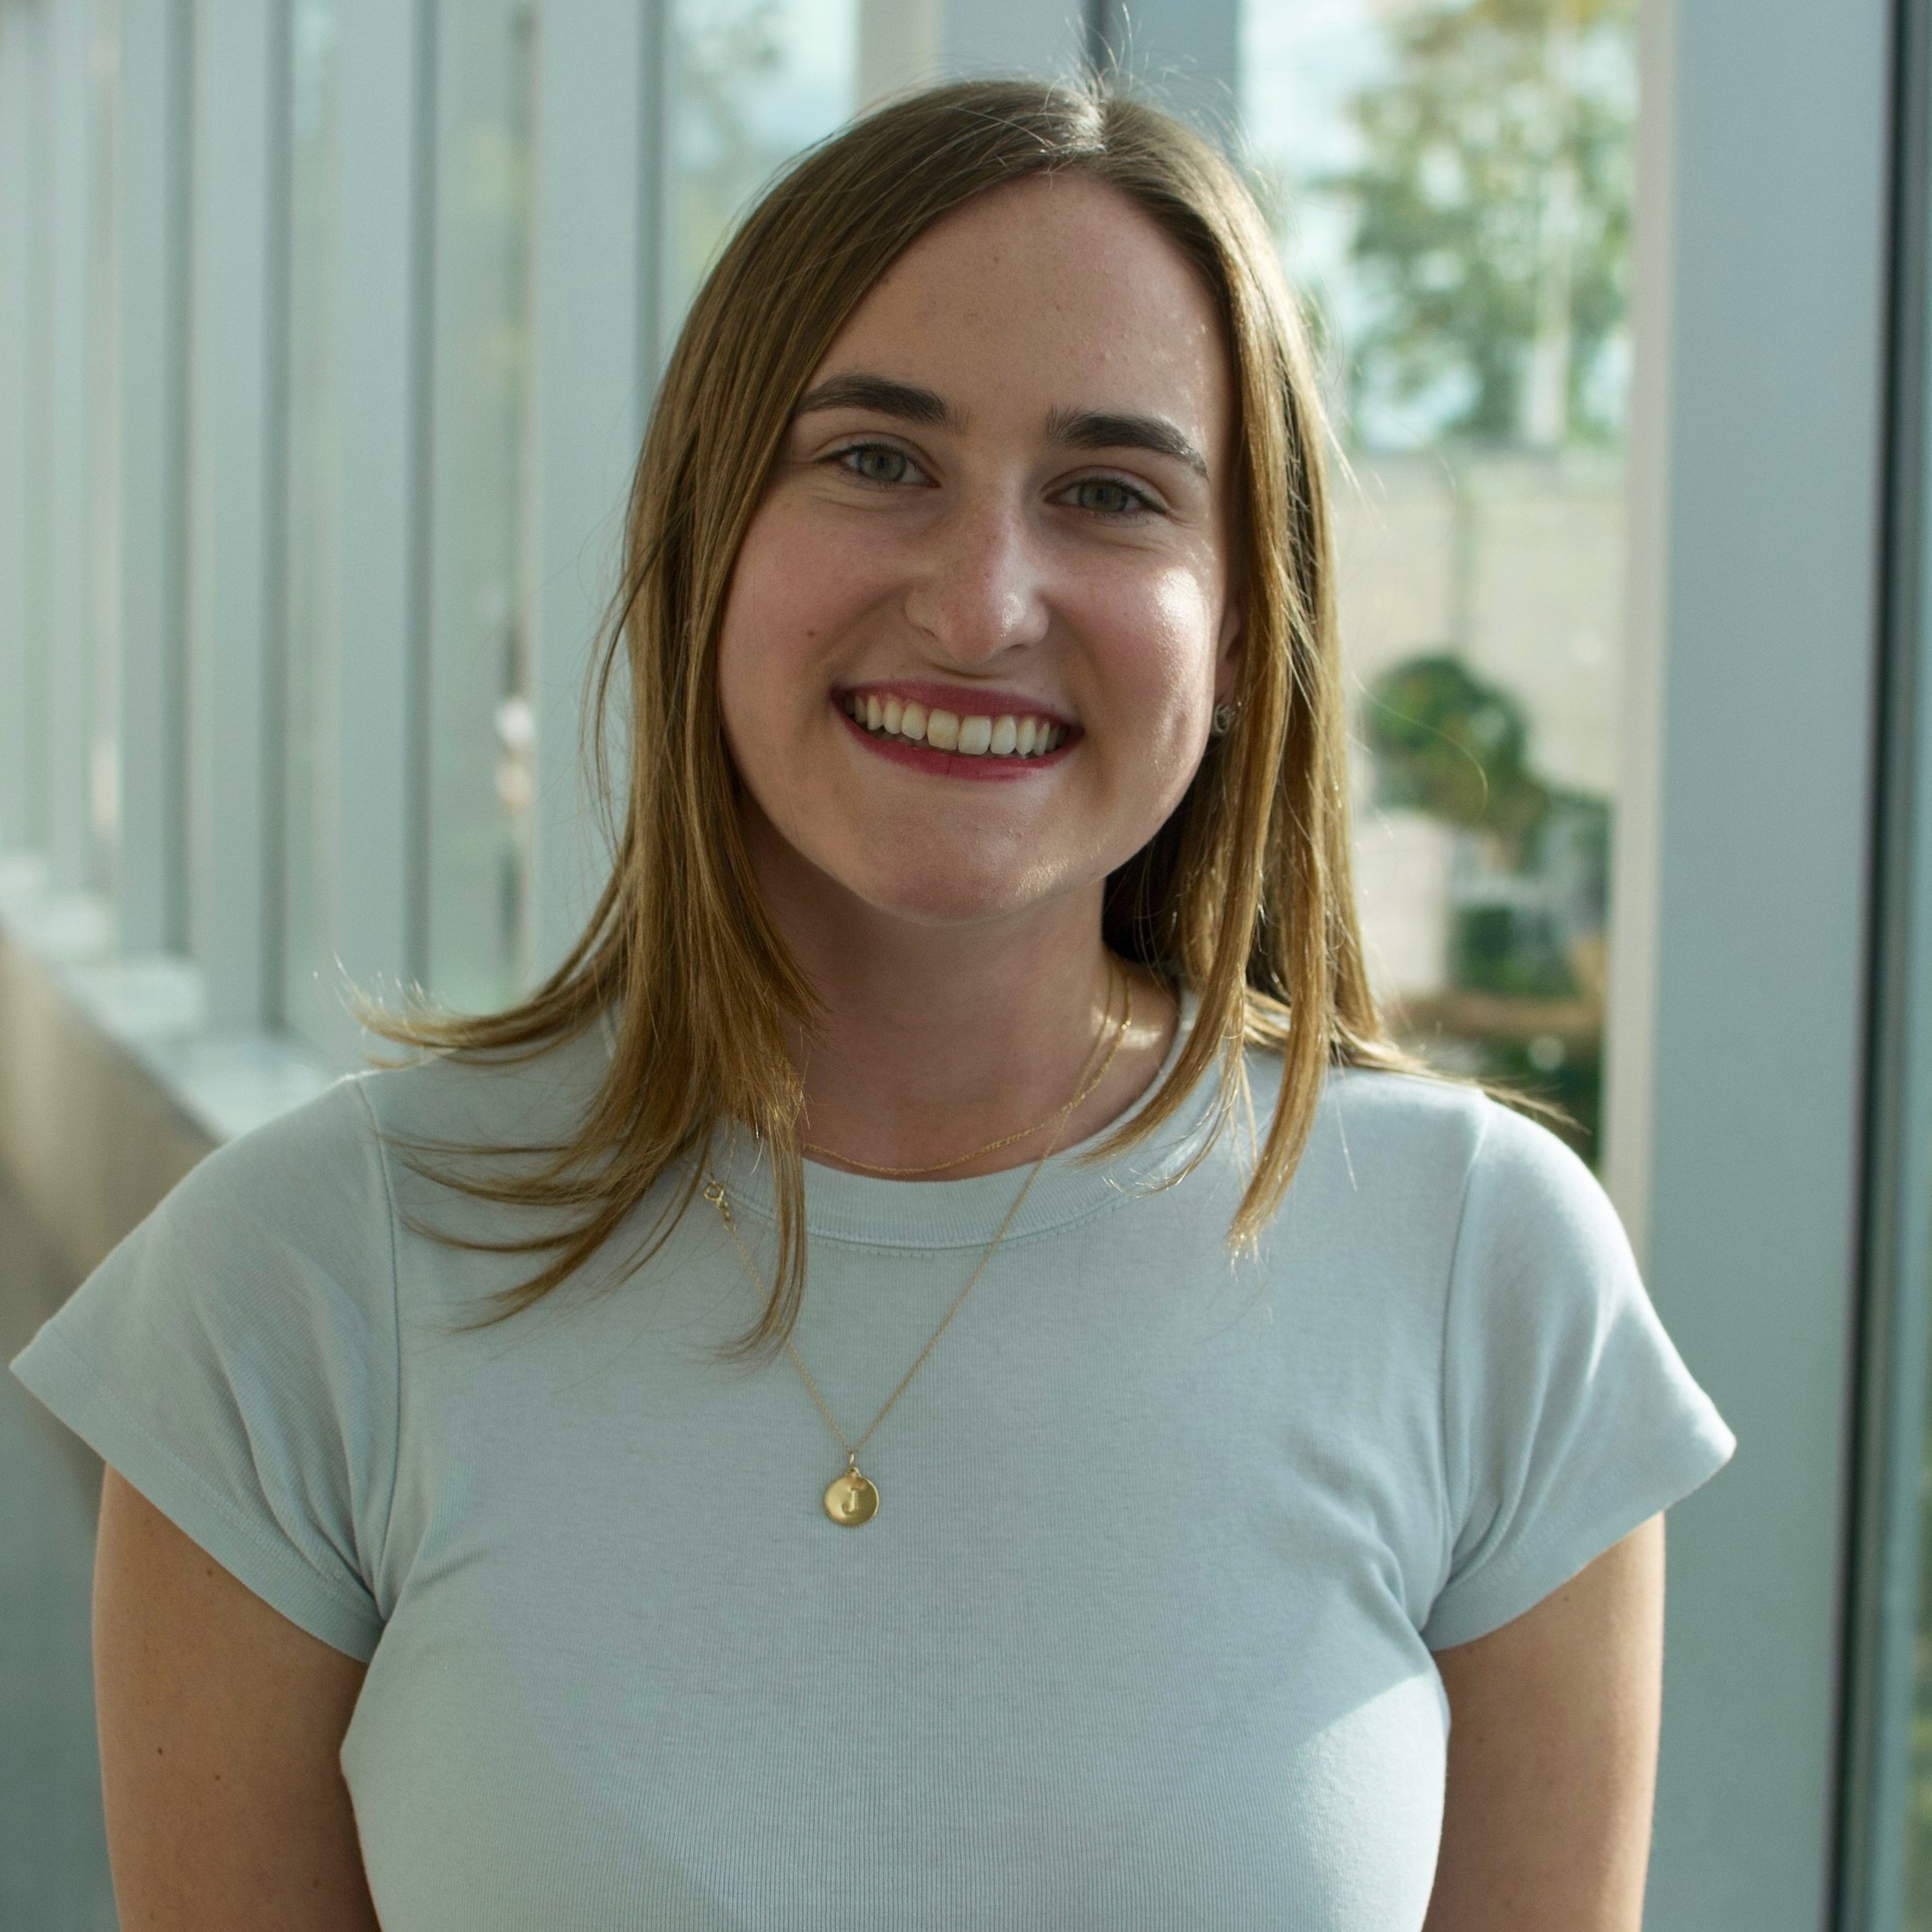 Jane Glaser '21